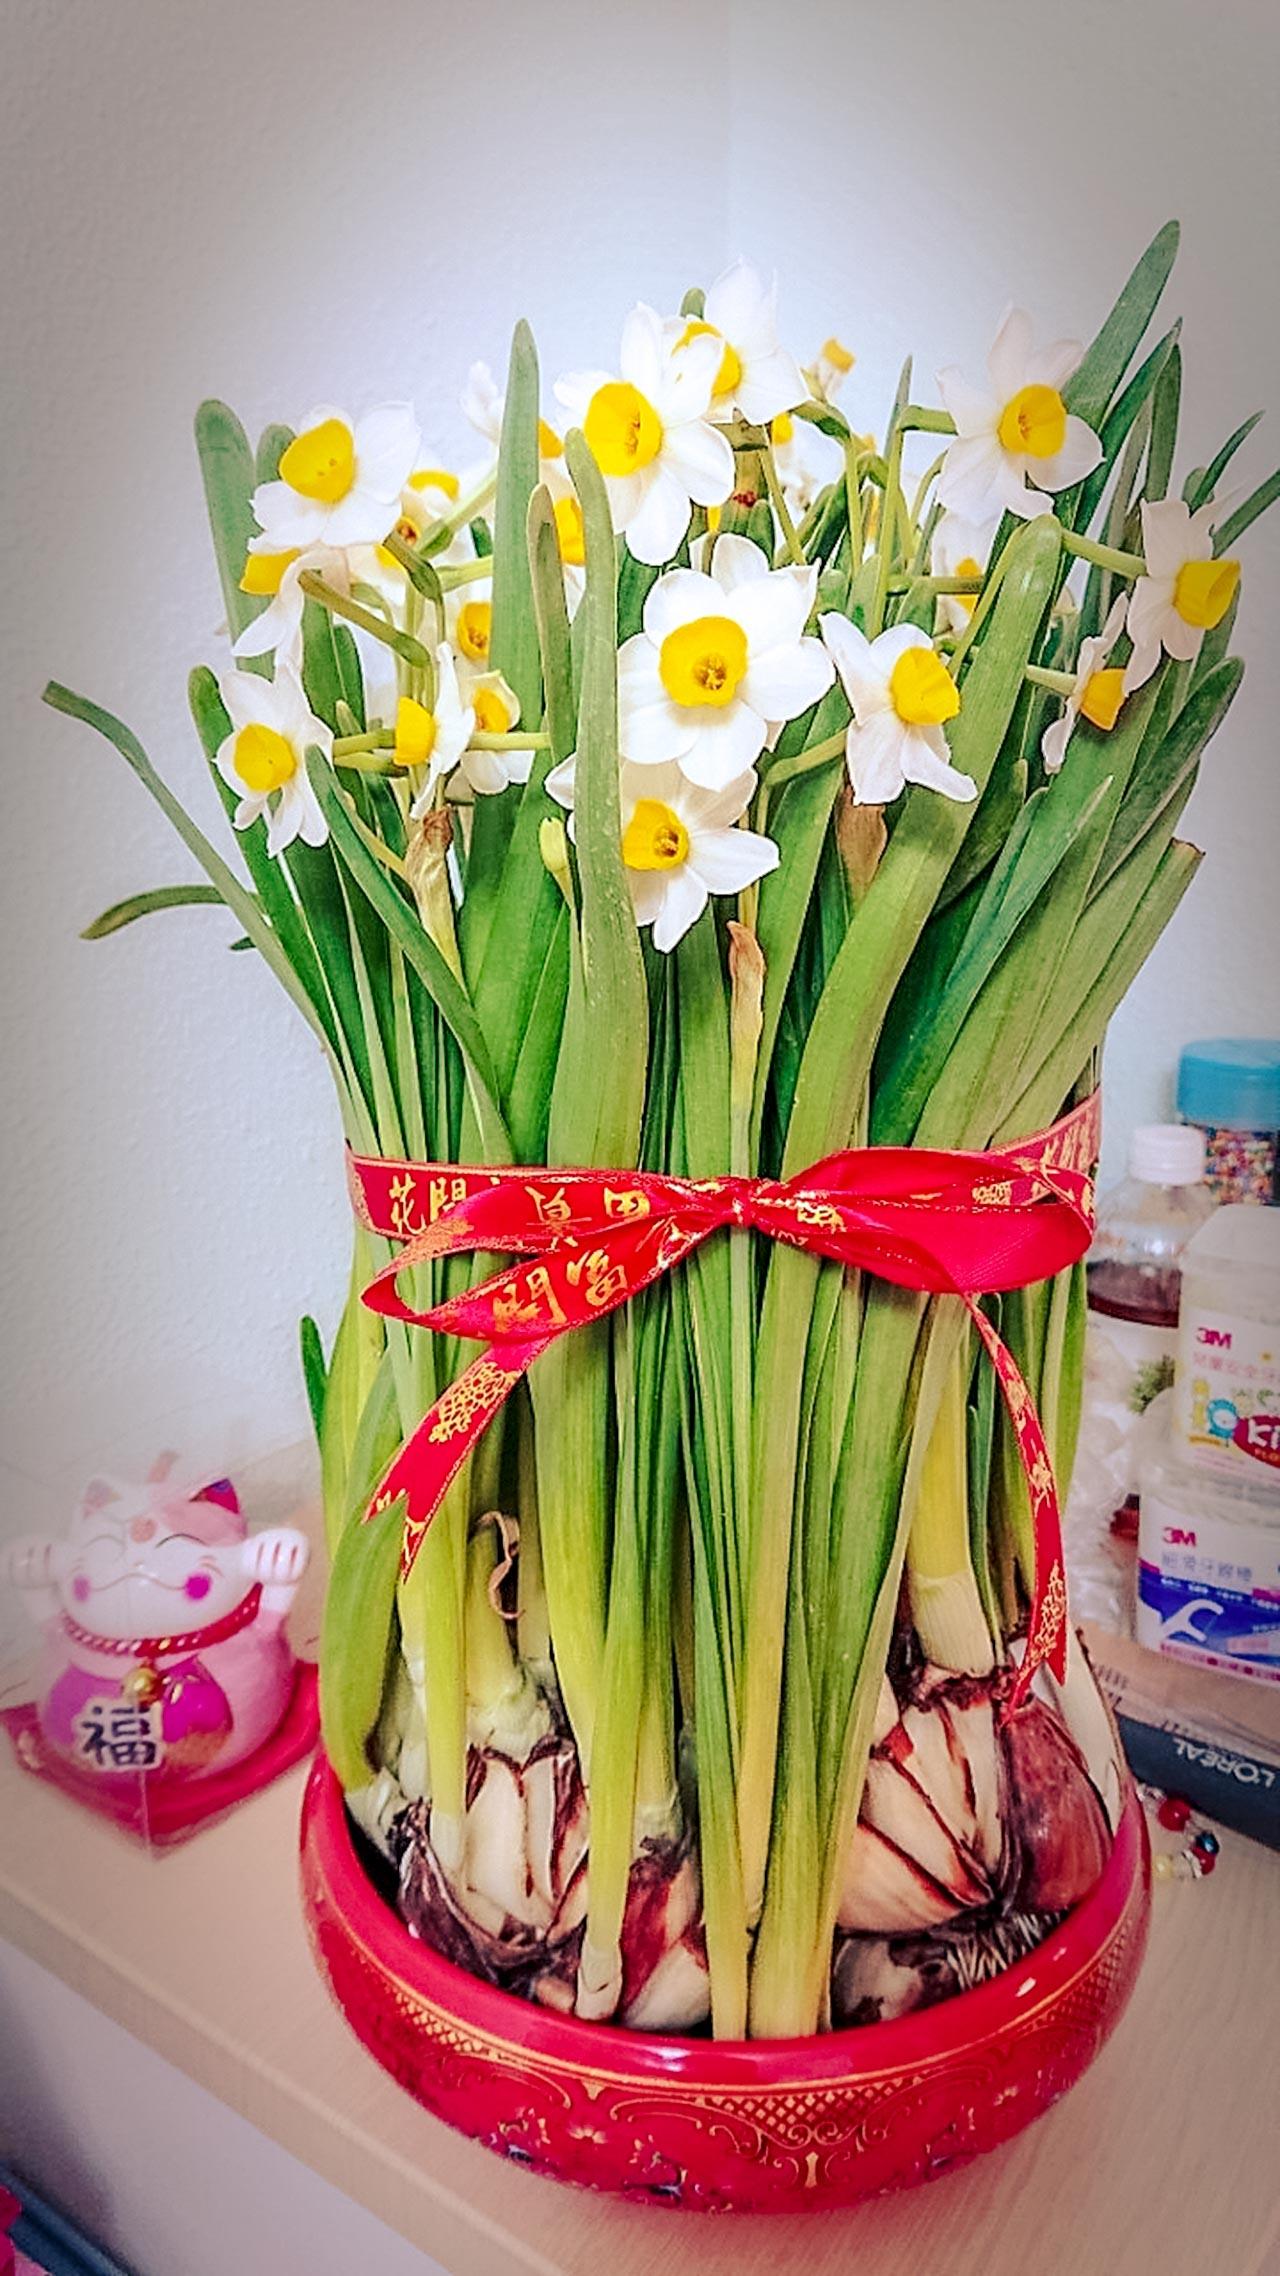 譚心愉-農曆新年,我最喜歡的年花是水仙花